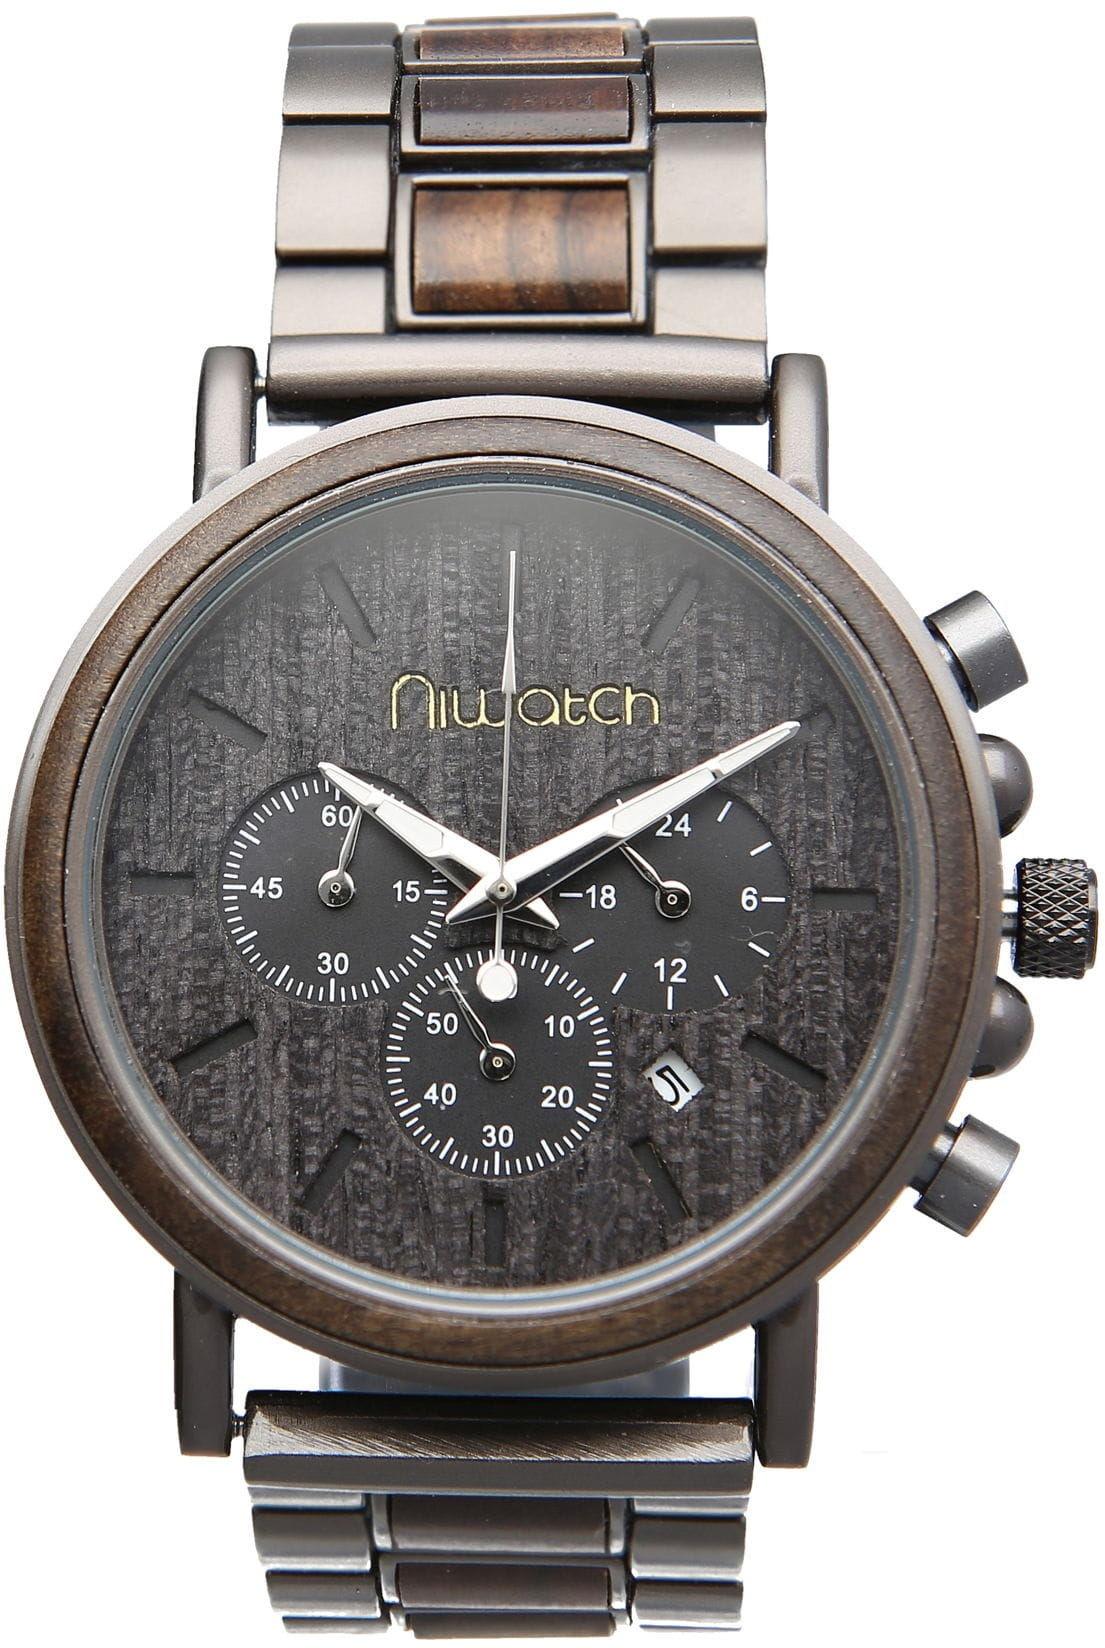 Zegarek drewniany Niwatch - kolekcja ROYAL - CHACATE PRETO